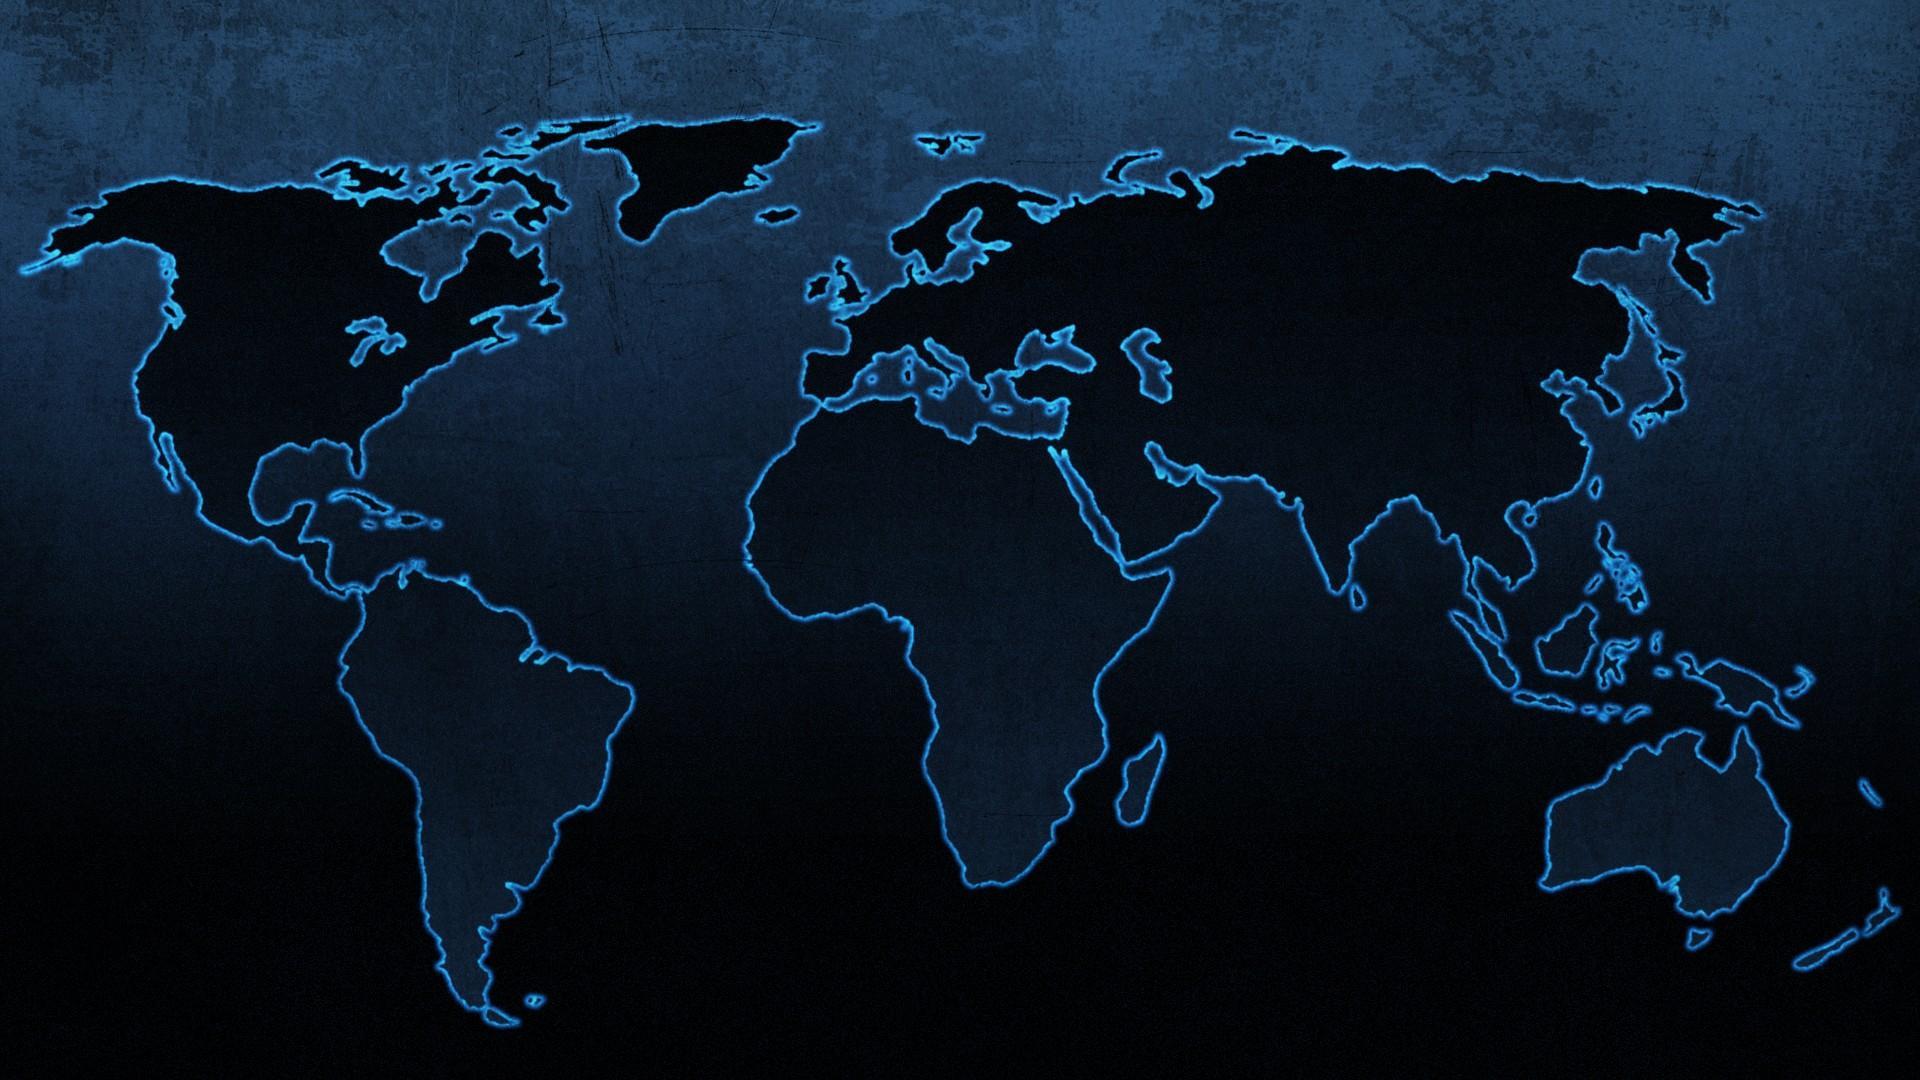 Wallpaper World Map Wallpapersafari